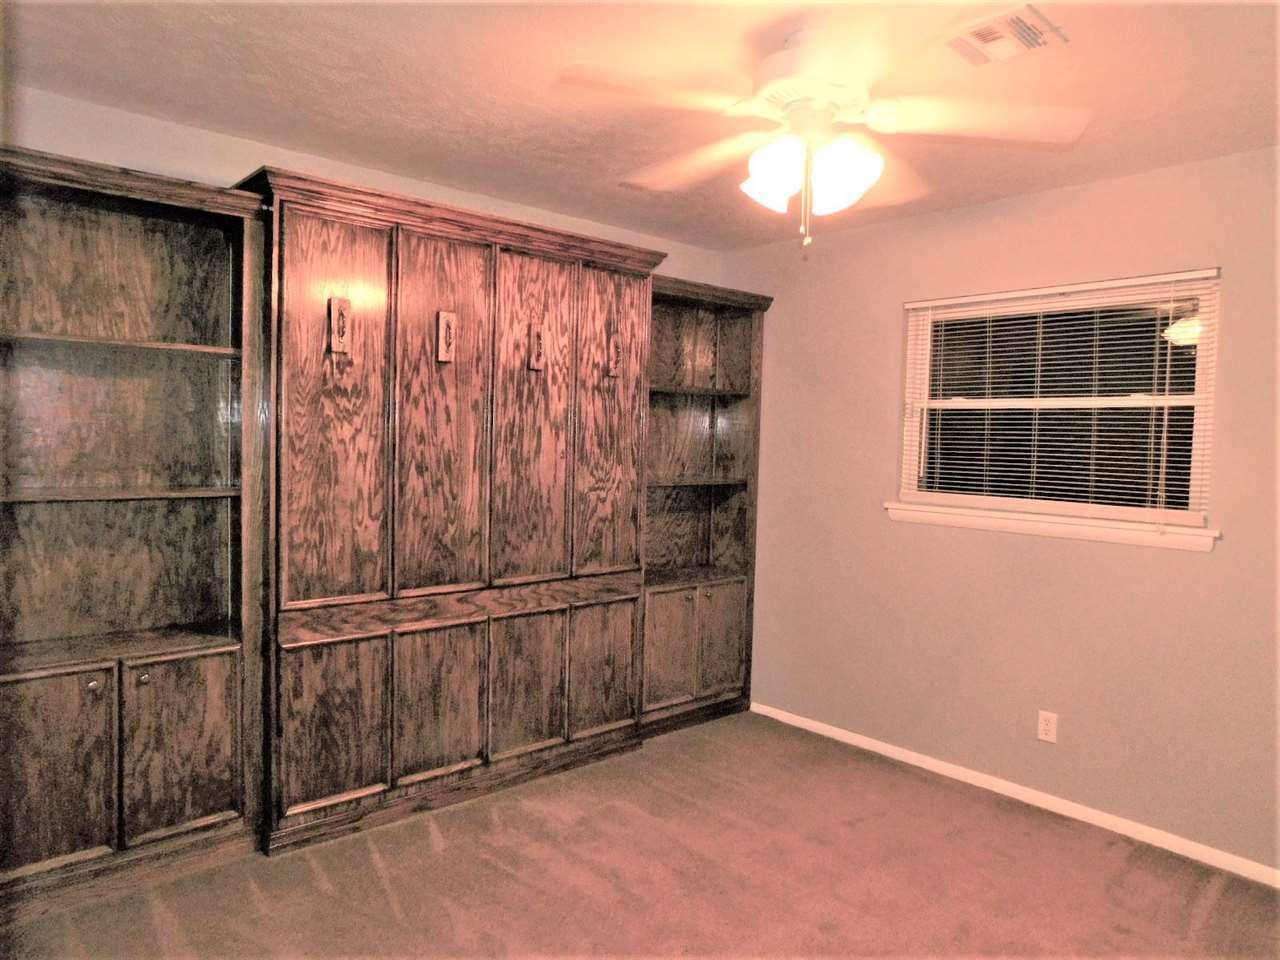 Sold Intraoffice W/MLS | 1200 Coronado Ponca City, OK 74604 10